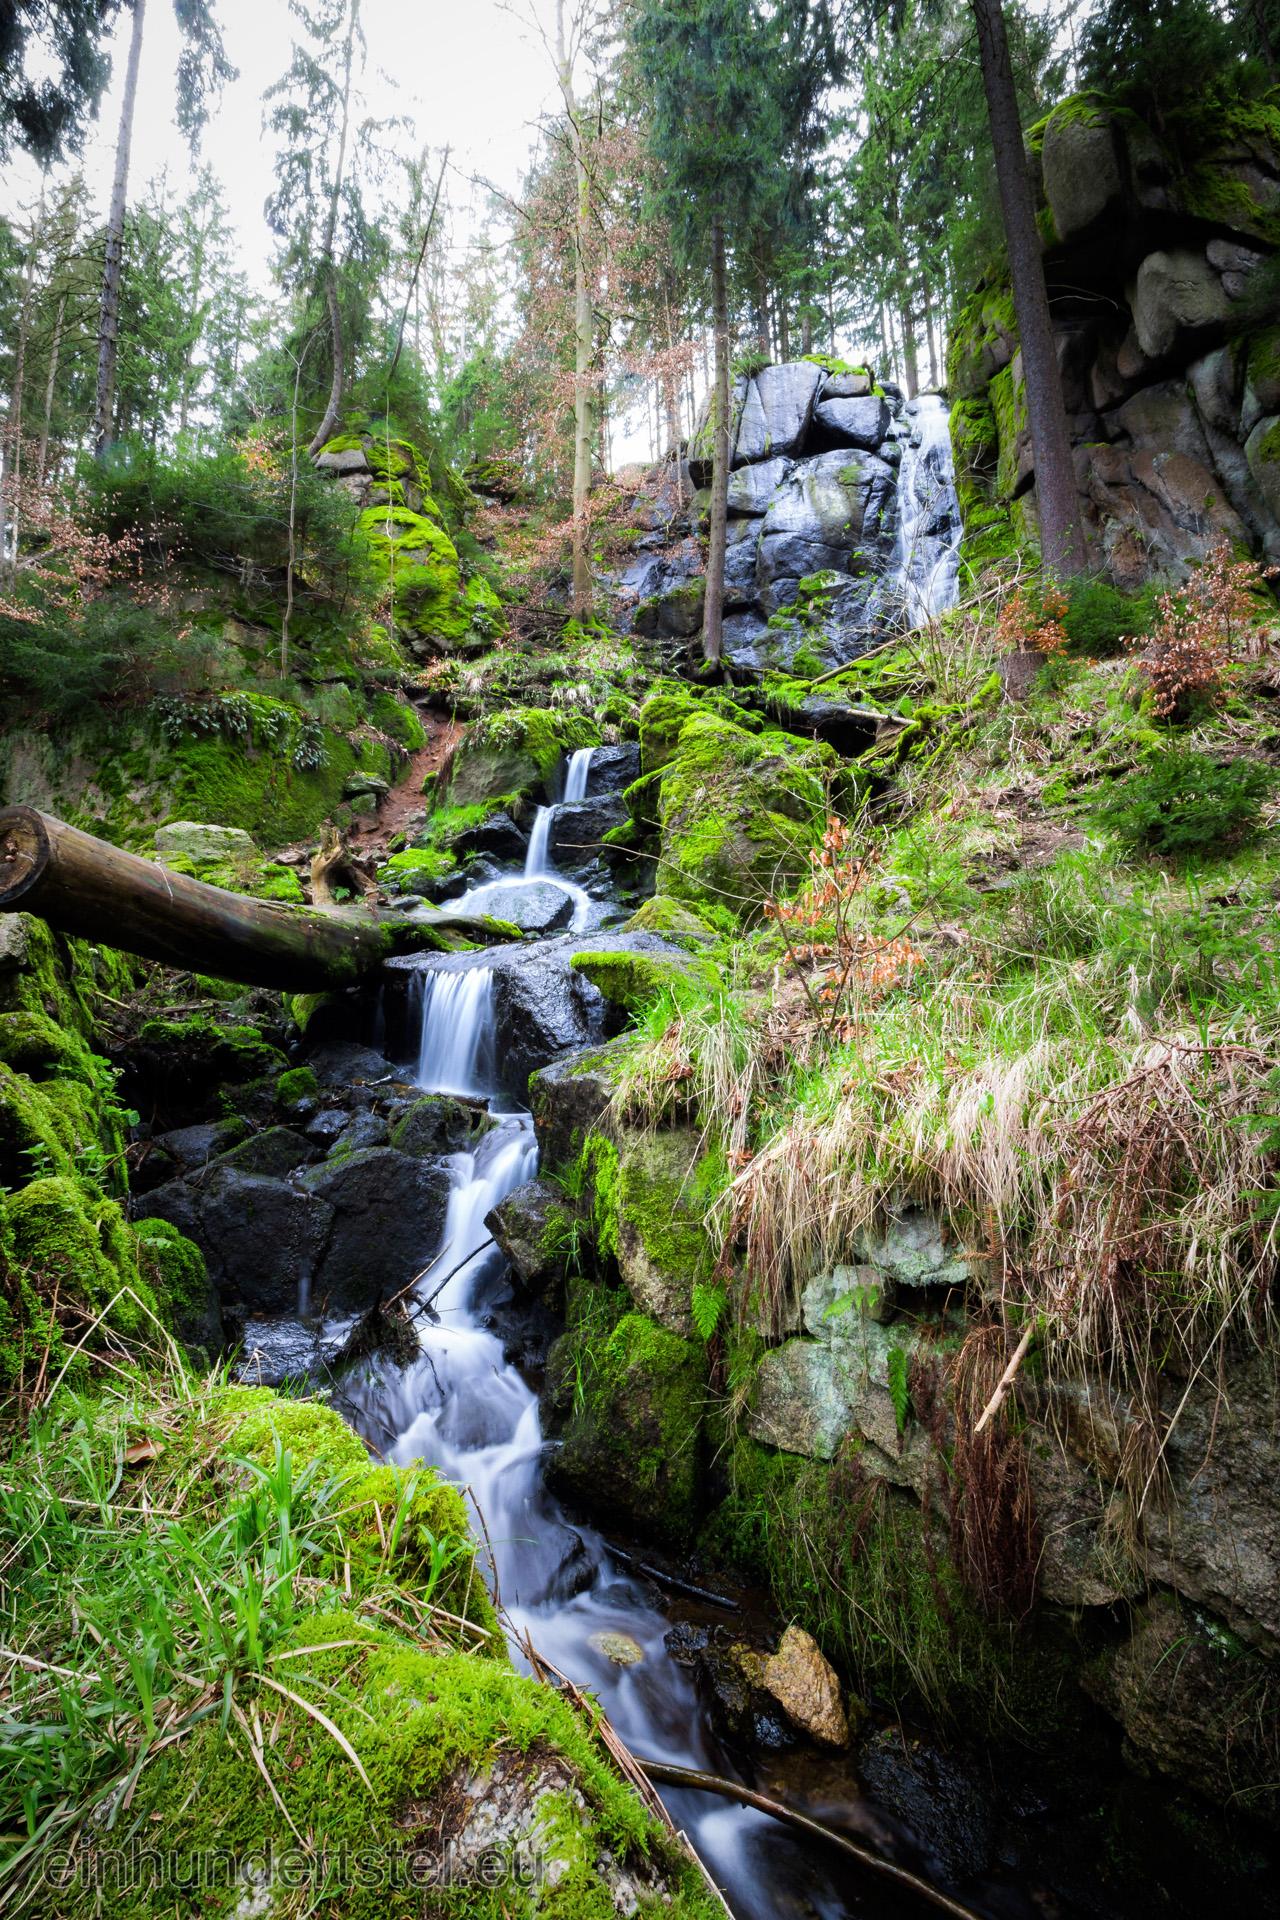 Wasserfall_Blauenthal002 als Smartobjekt-1